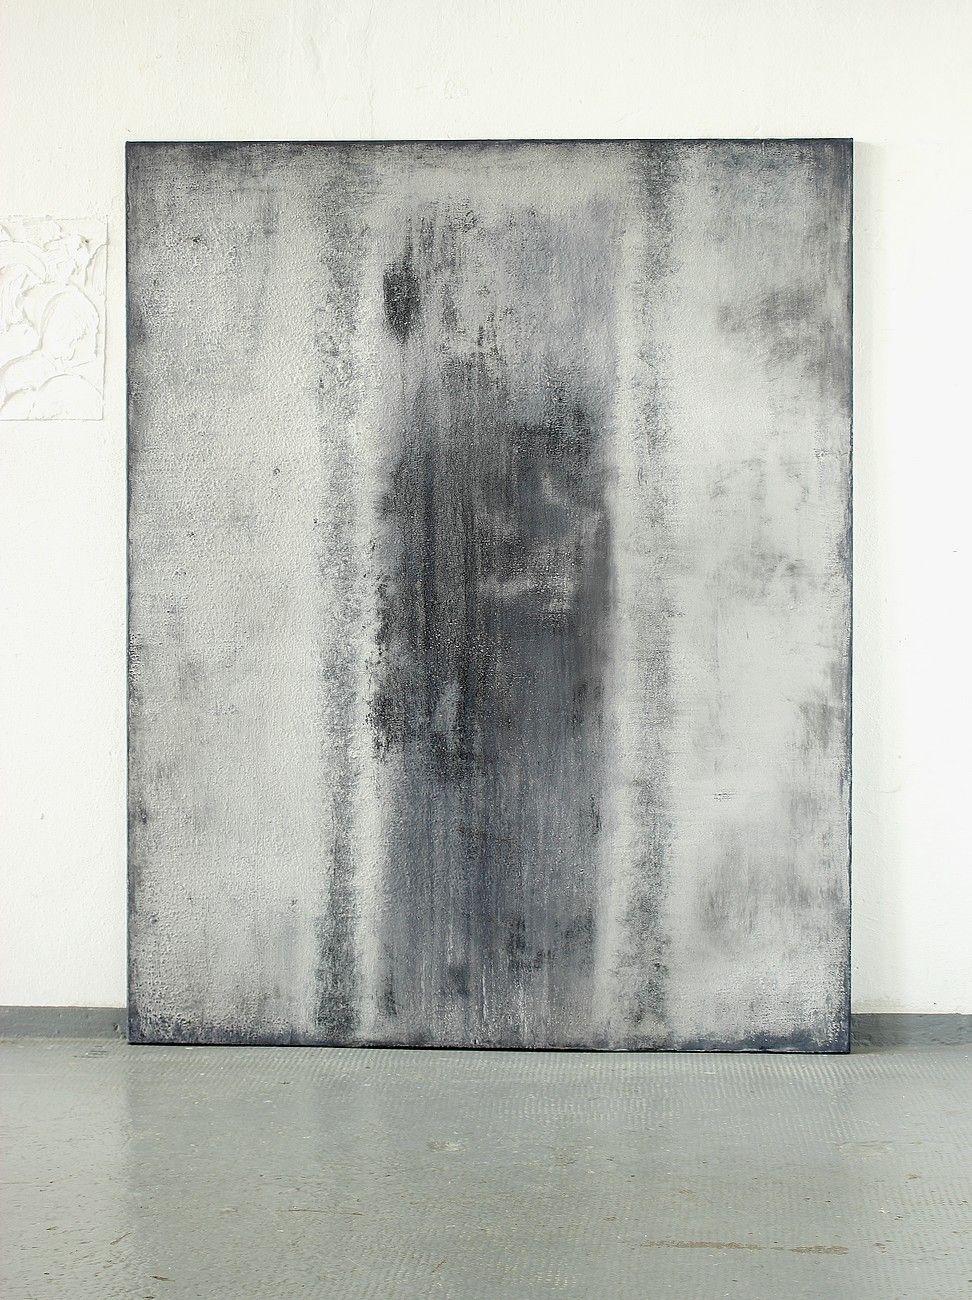 Abstrakte Kunst Leinwand 201 6 - 150 x 120 cm - mischtechnik auf leinwand , abstrakte, kunst